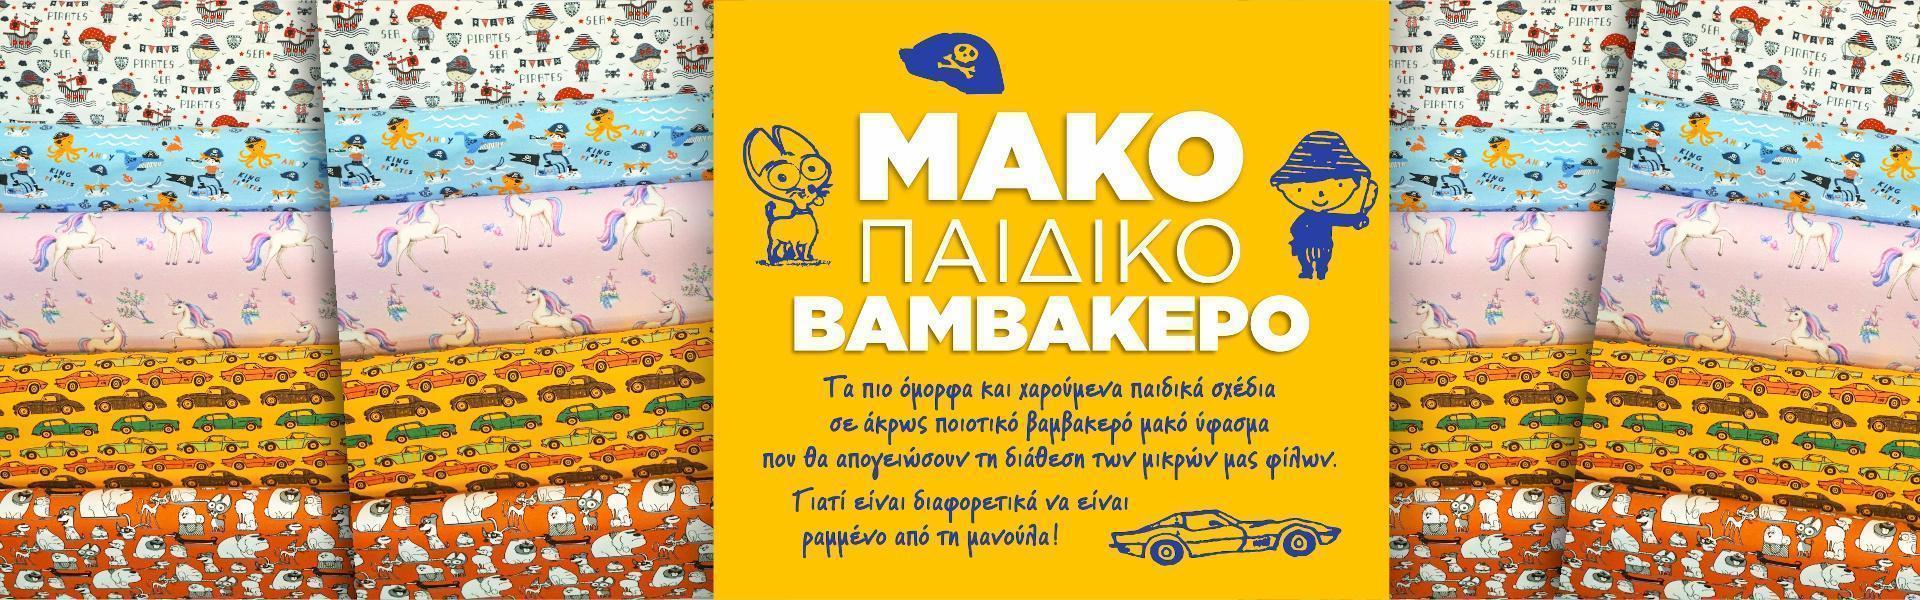 ΜΑΚΟ ΒΑΜΒΑΚΕΡΟ